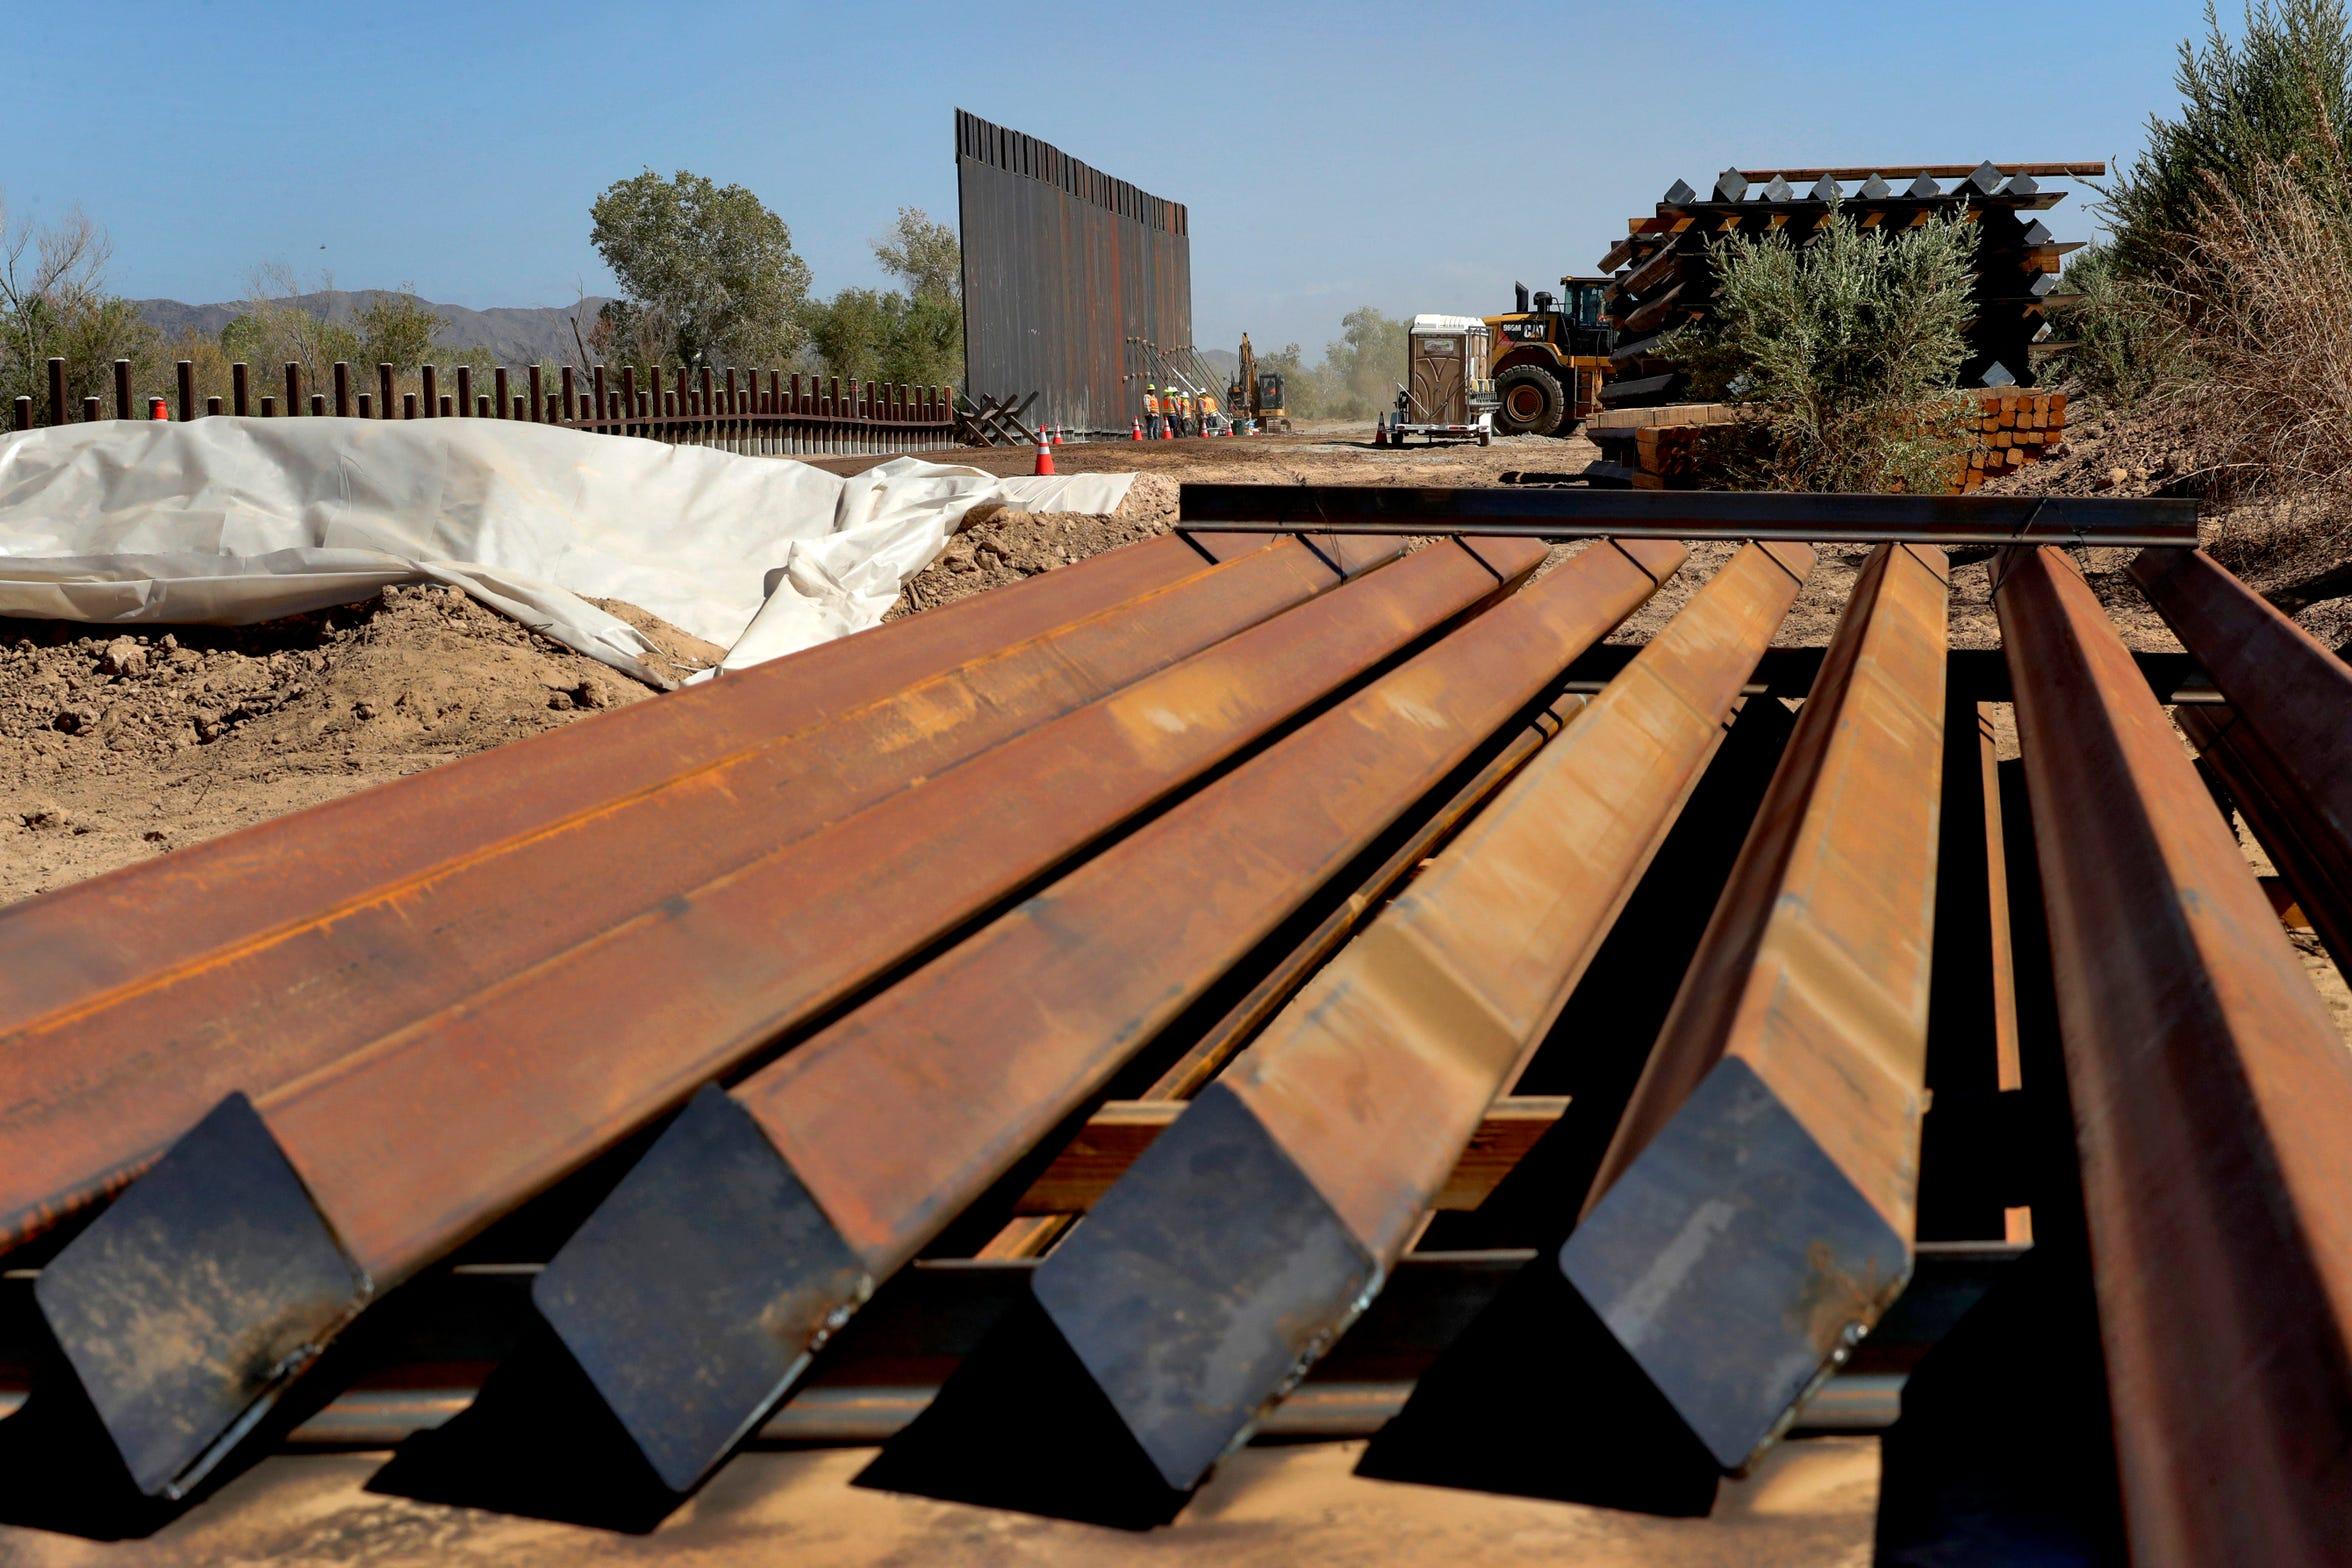 Al sur de Yuma, Arizona, se eleva un gigantesco muro junto al desierto que reemplazará barreras mucho más bajas, pensadas para frenar autos, no personas.  Esta sección de 8 kilómetros (5 millas) de cerco es donde empieza a tomar forma la promesa más importante que hizo Donald Trump en su campaña presidencial, la de construir un muro a lo largo de toda la frontera sur.